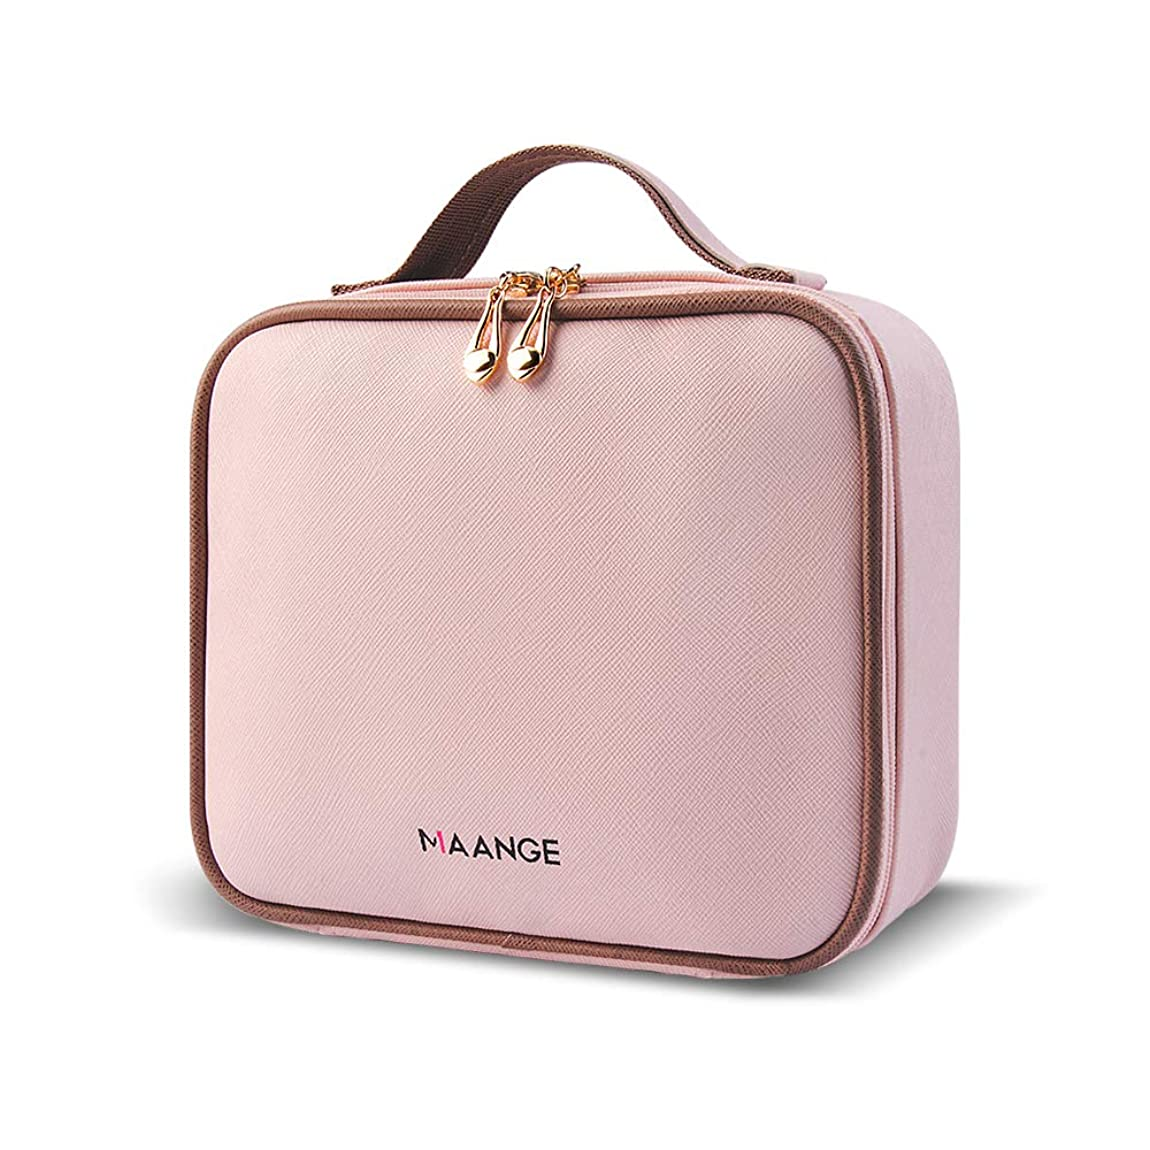 さまよう脅かす望ましいMAANGE 化粧ポーチ メイクポーチ コスメ収納ポーチ 高品質収納ボックス 旅行バッグ バニティポーチ 小物入れ 出張用バッグ(ピンク)